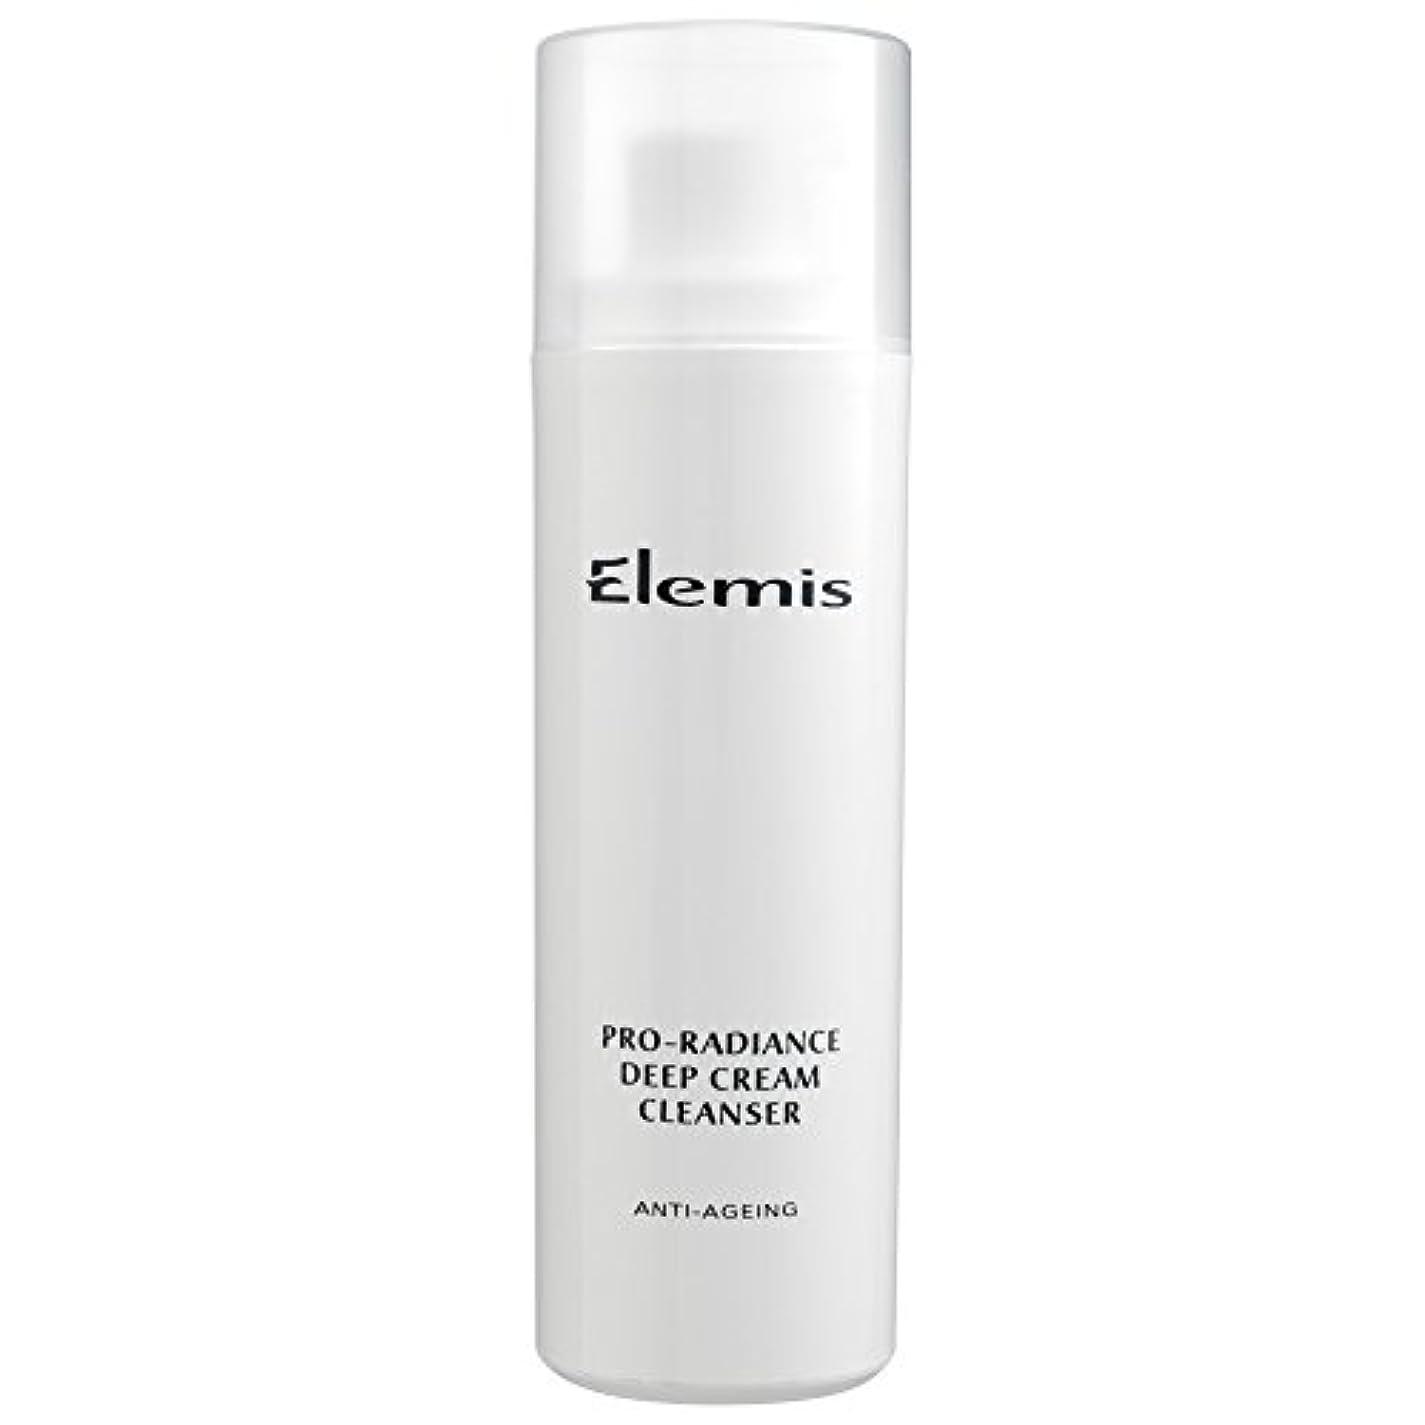 苦味行ブローエレミスプロ輝きクリームクレンザー、150ミリリットル (Elemis) (x2) - Elemis Pro-Radiance Cream Cleanser, 150ml (Pack of 2) [並行輸入品]